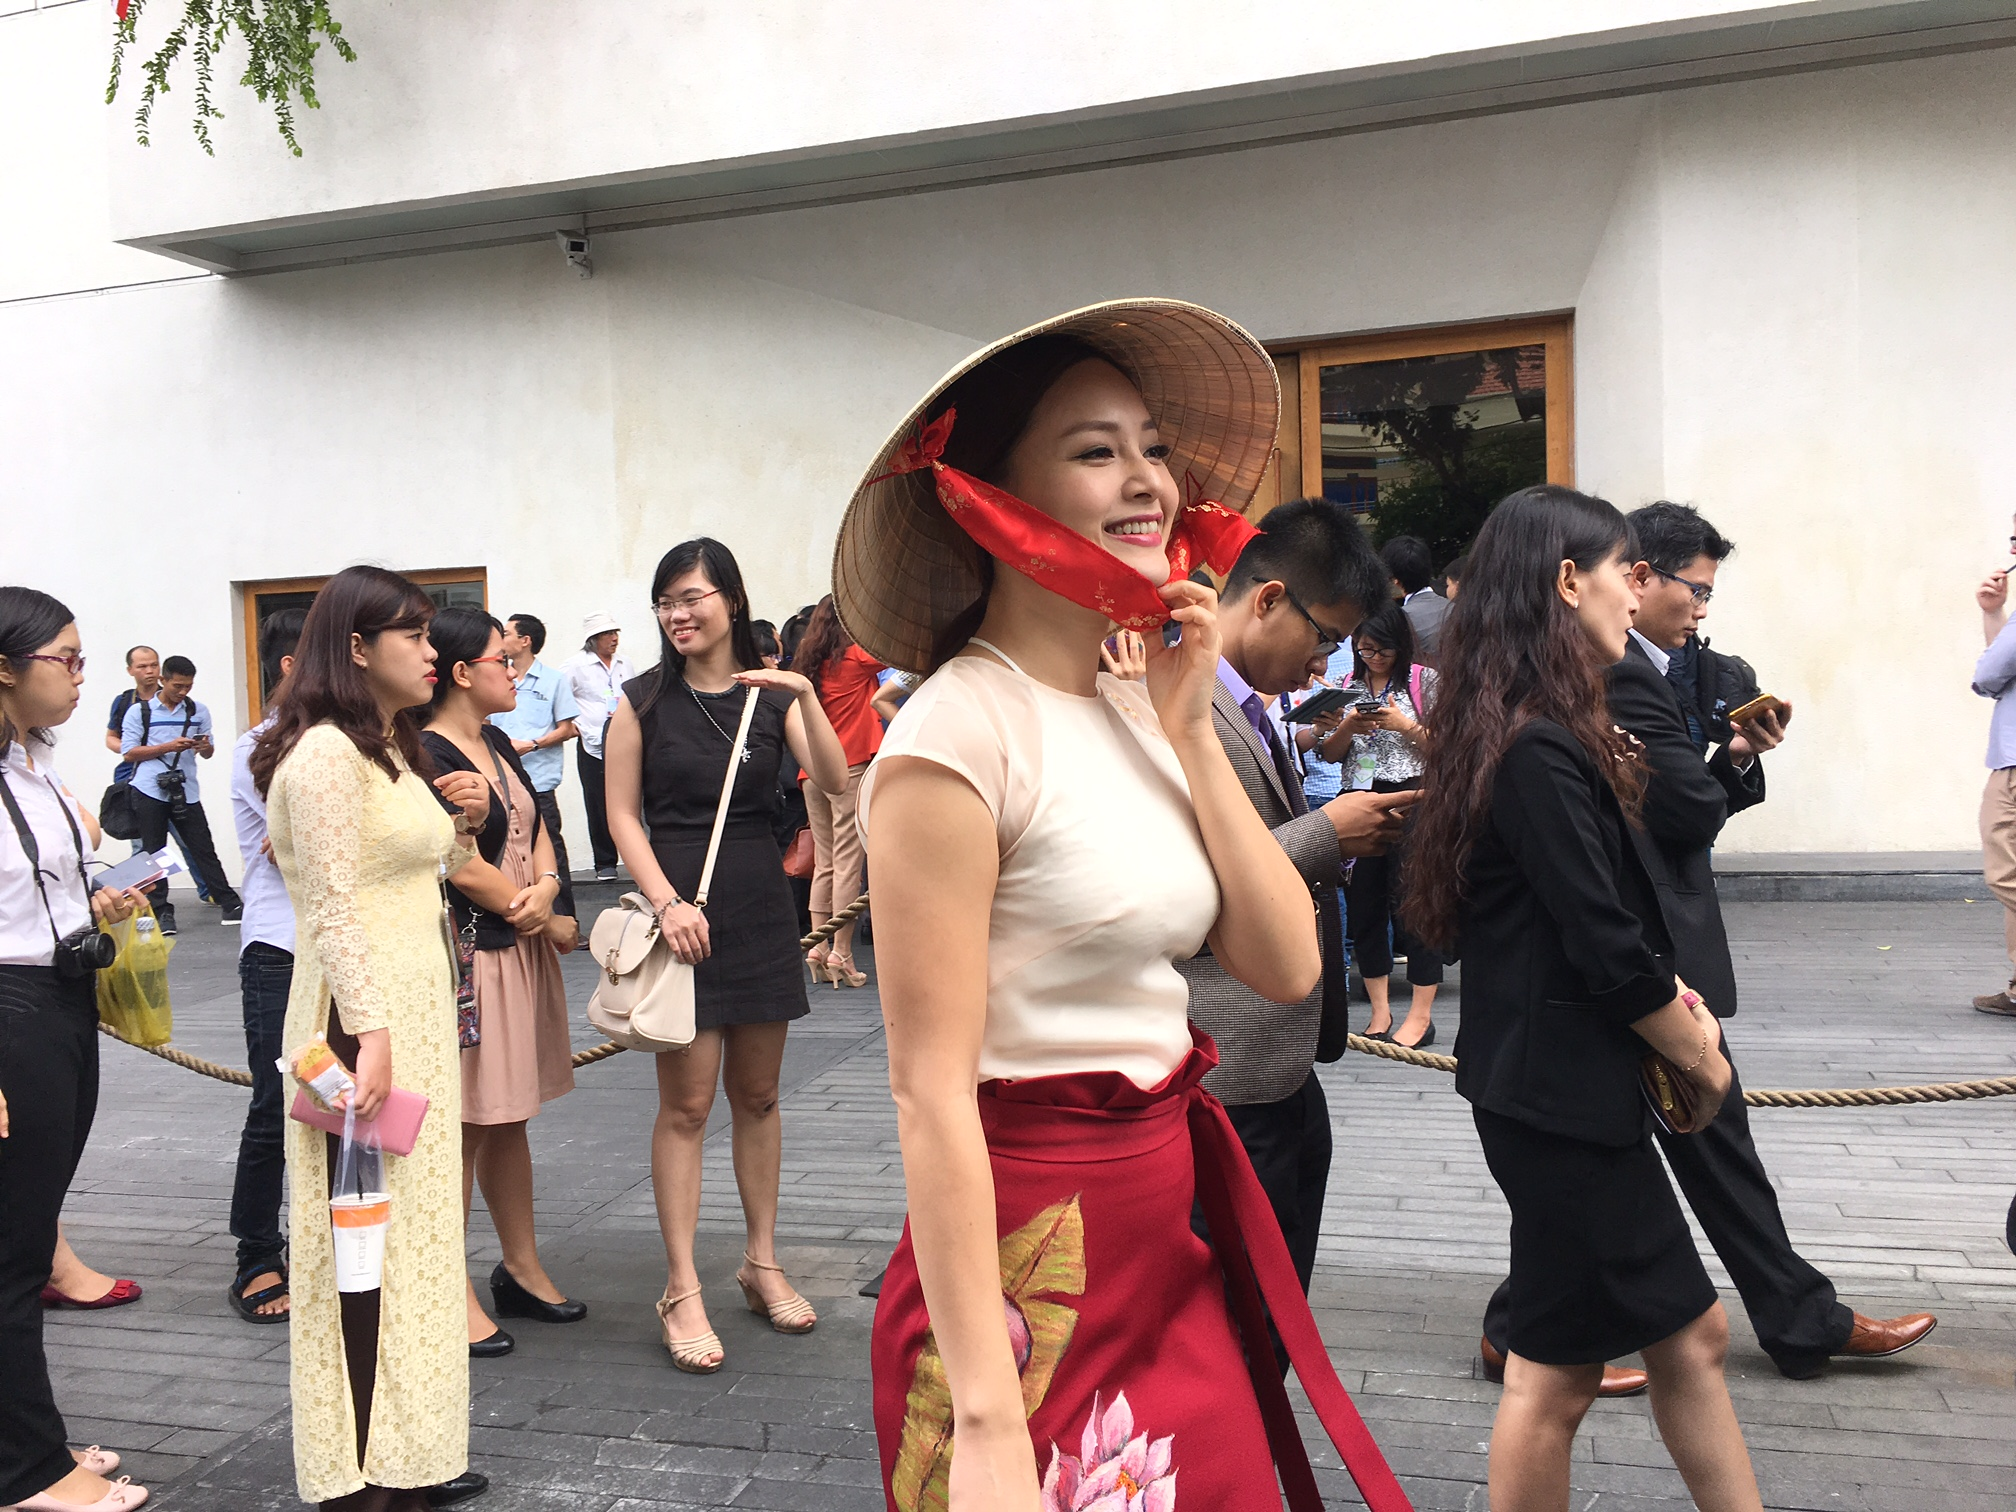 Nữ diễn viên Lan Phương sinh năm 1983, hoạt   động trên sân khấu kịch, màn ảnh nhỏ với vai trò diễn viên, người dẫn   chương trình, nghệ sĩ múa. Cô tốt nghiệp Khoa kinh tế đối ngoại Đại học   Ngoại thương và Cao đẳng Sân khấu Điện ảnh TP. HCM.